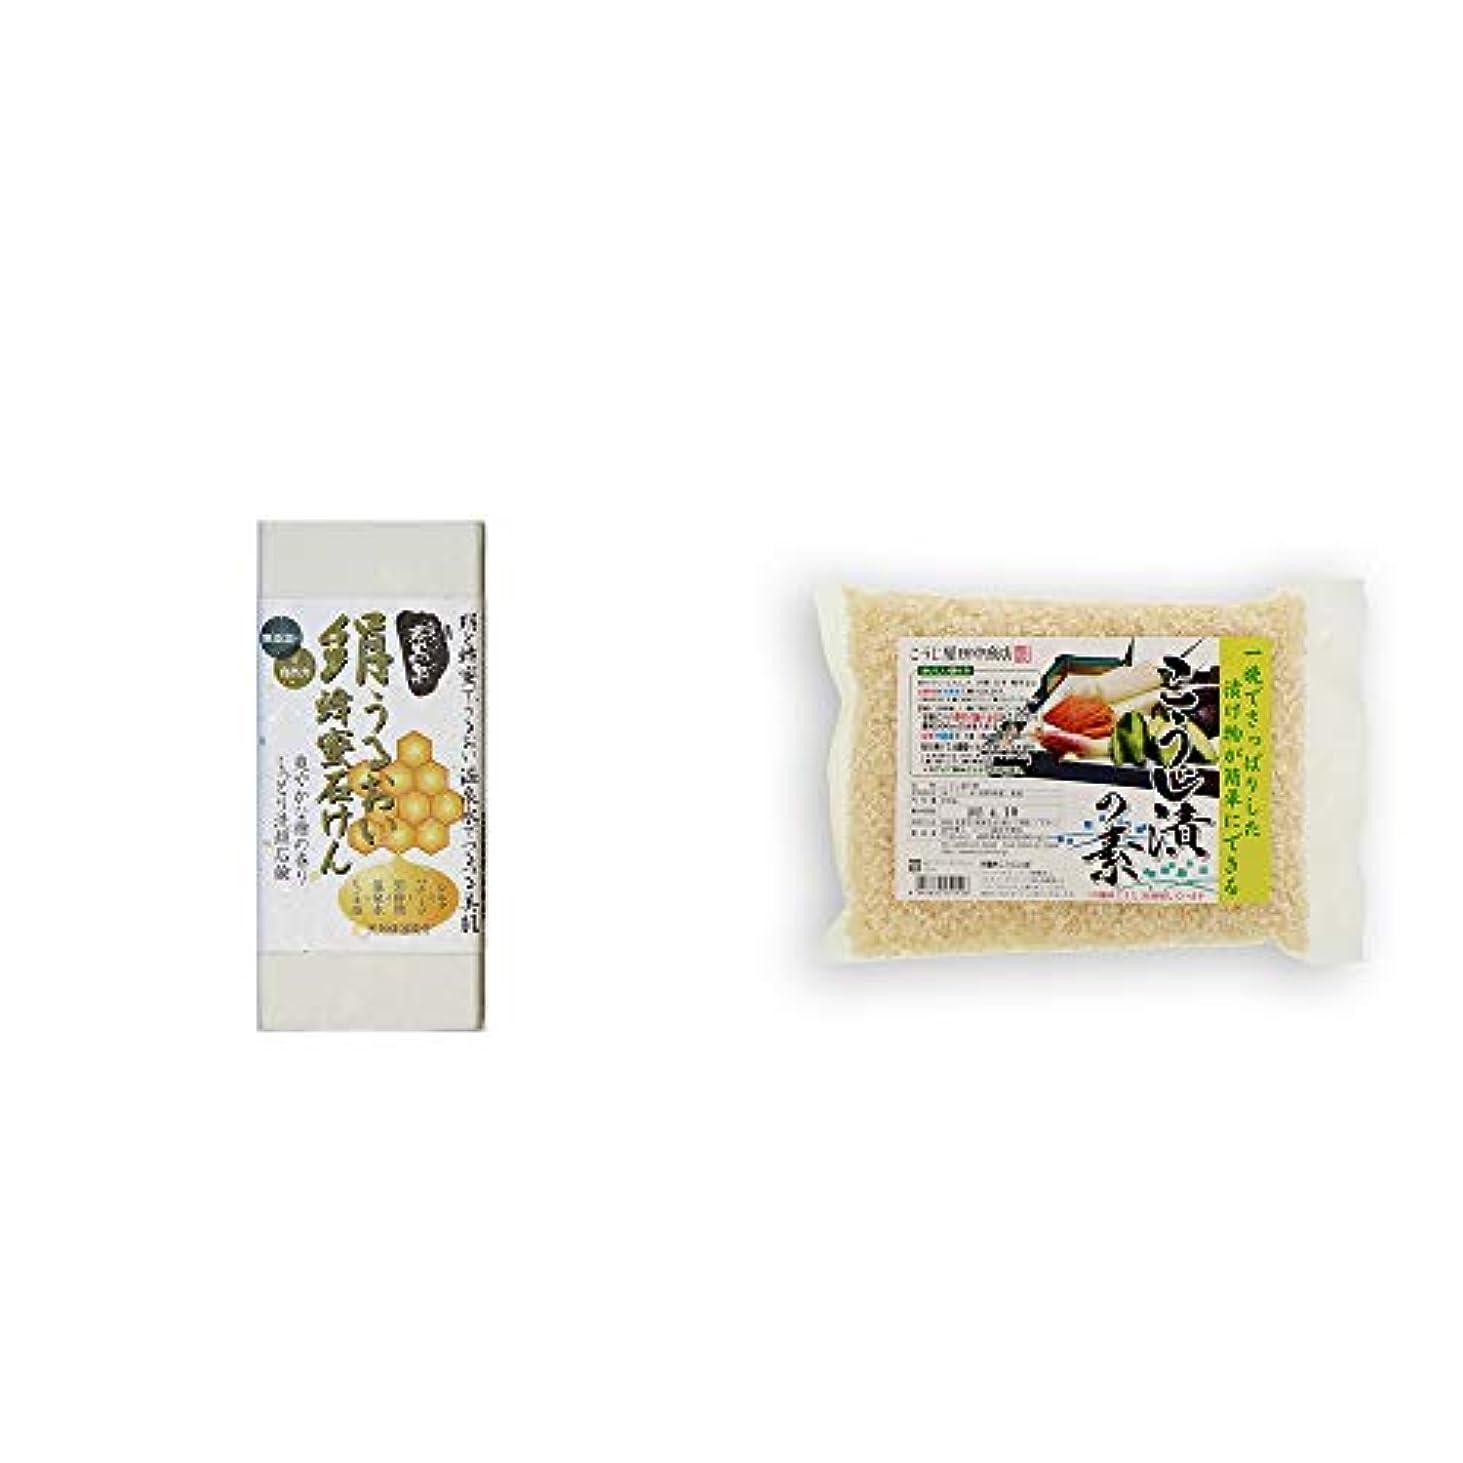 はさみレベルの慈悲で[2点セット] ひのき炭黒泉 絹うるおい蜂蜜石けん(75g×2)?こうじ屋田中商店 こうじ漬けの素(600g)